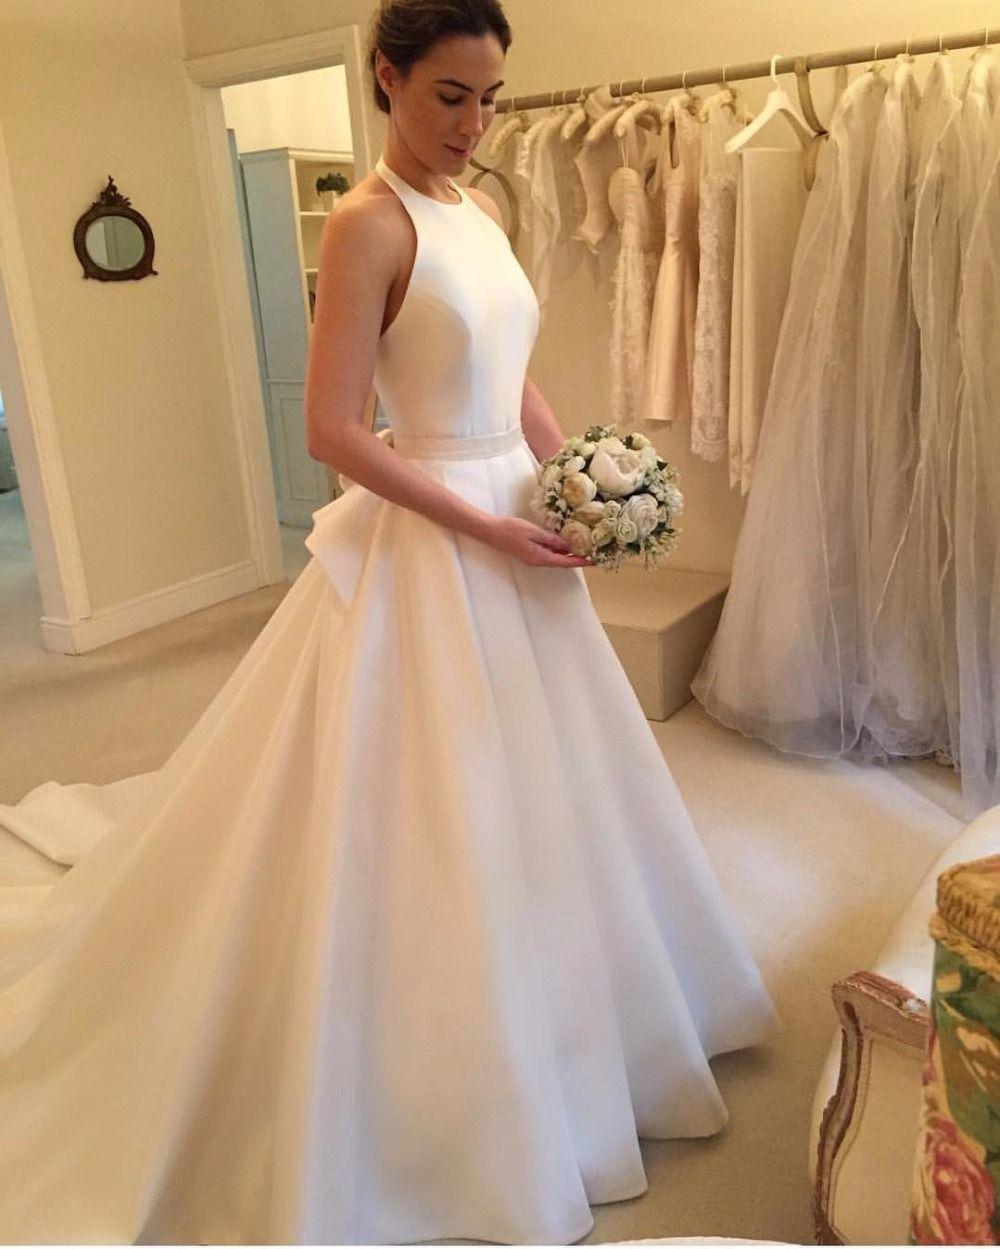 Modern Wedding Dresseshalter Dresses Satin: Long Halter Wedding Dresses At Reisefeber.org